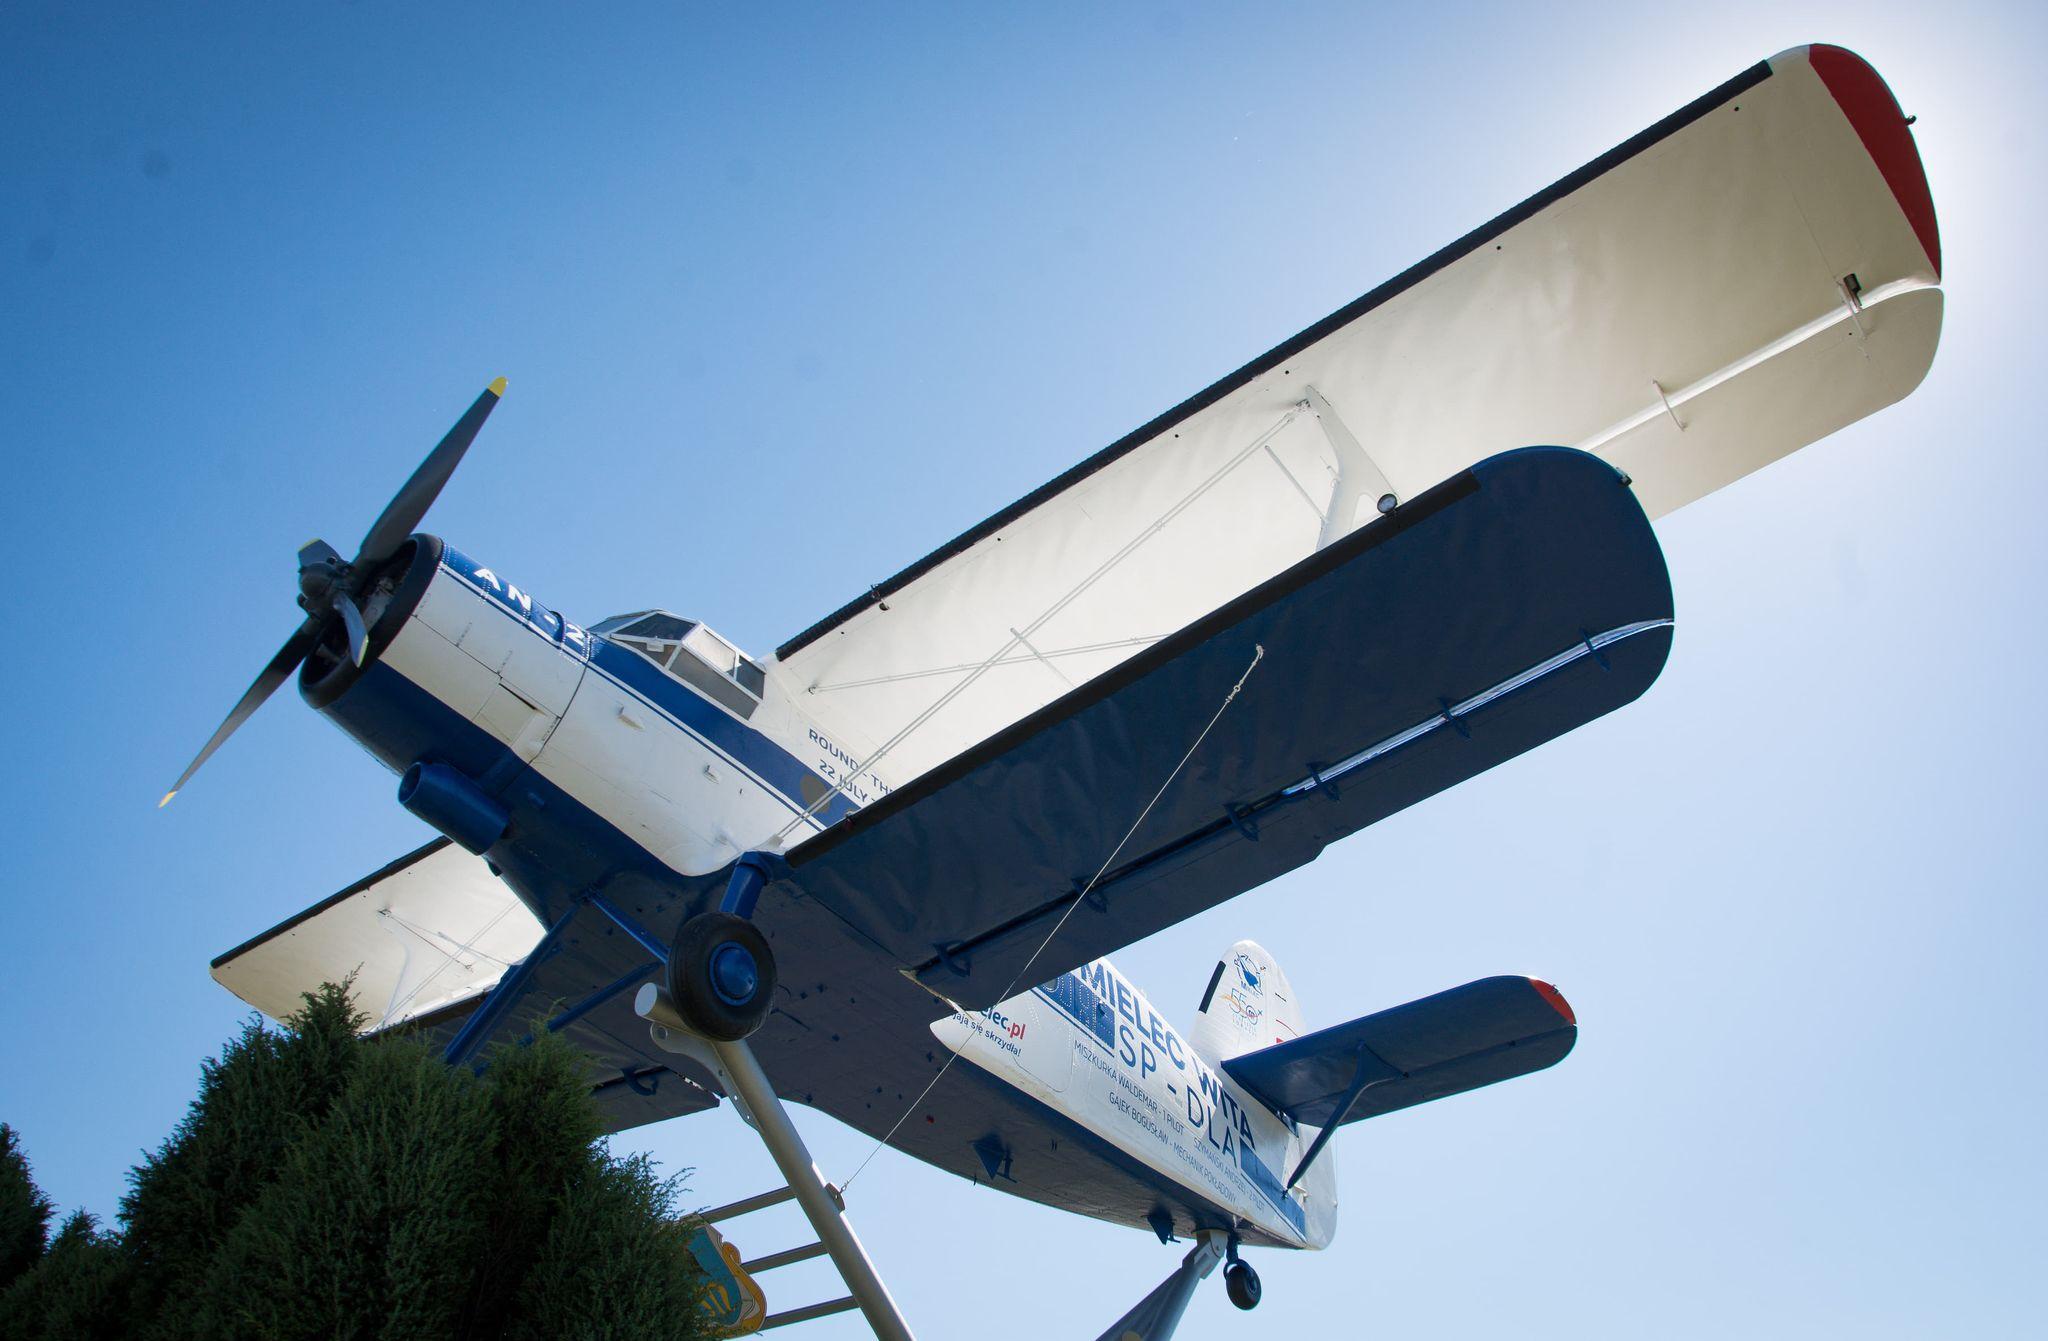 ROZMOWY Z KORSO: Legendarny samolot AN-2 zyskał nowe barwy [VIDEO]  - Zdjęcie główne